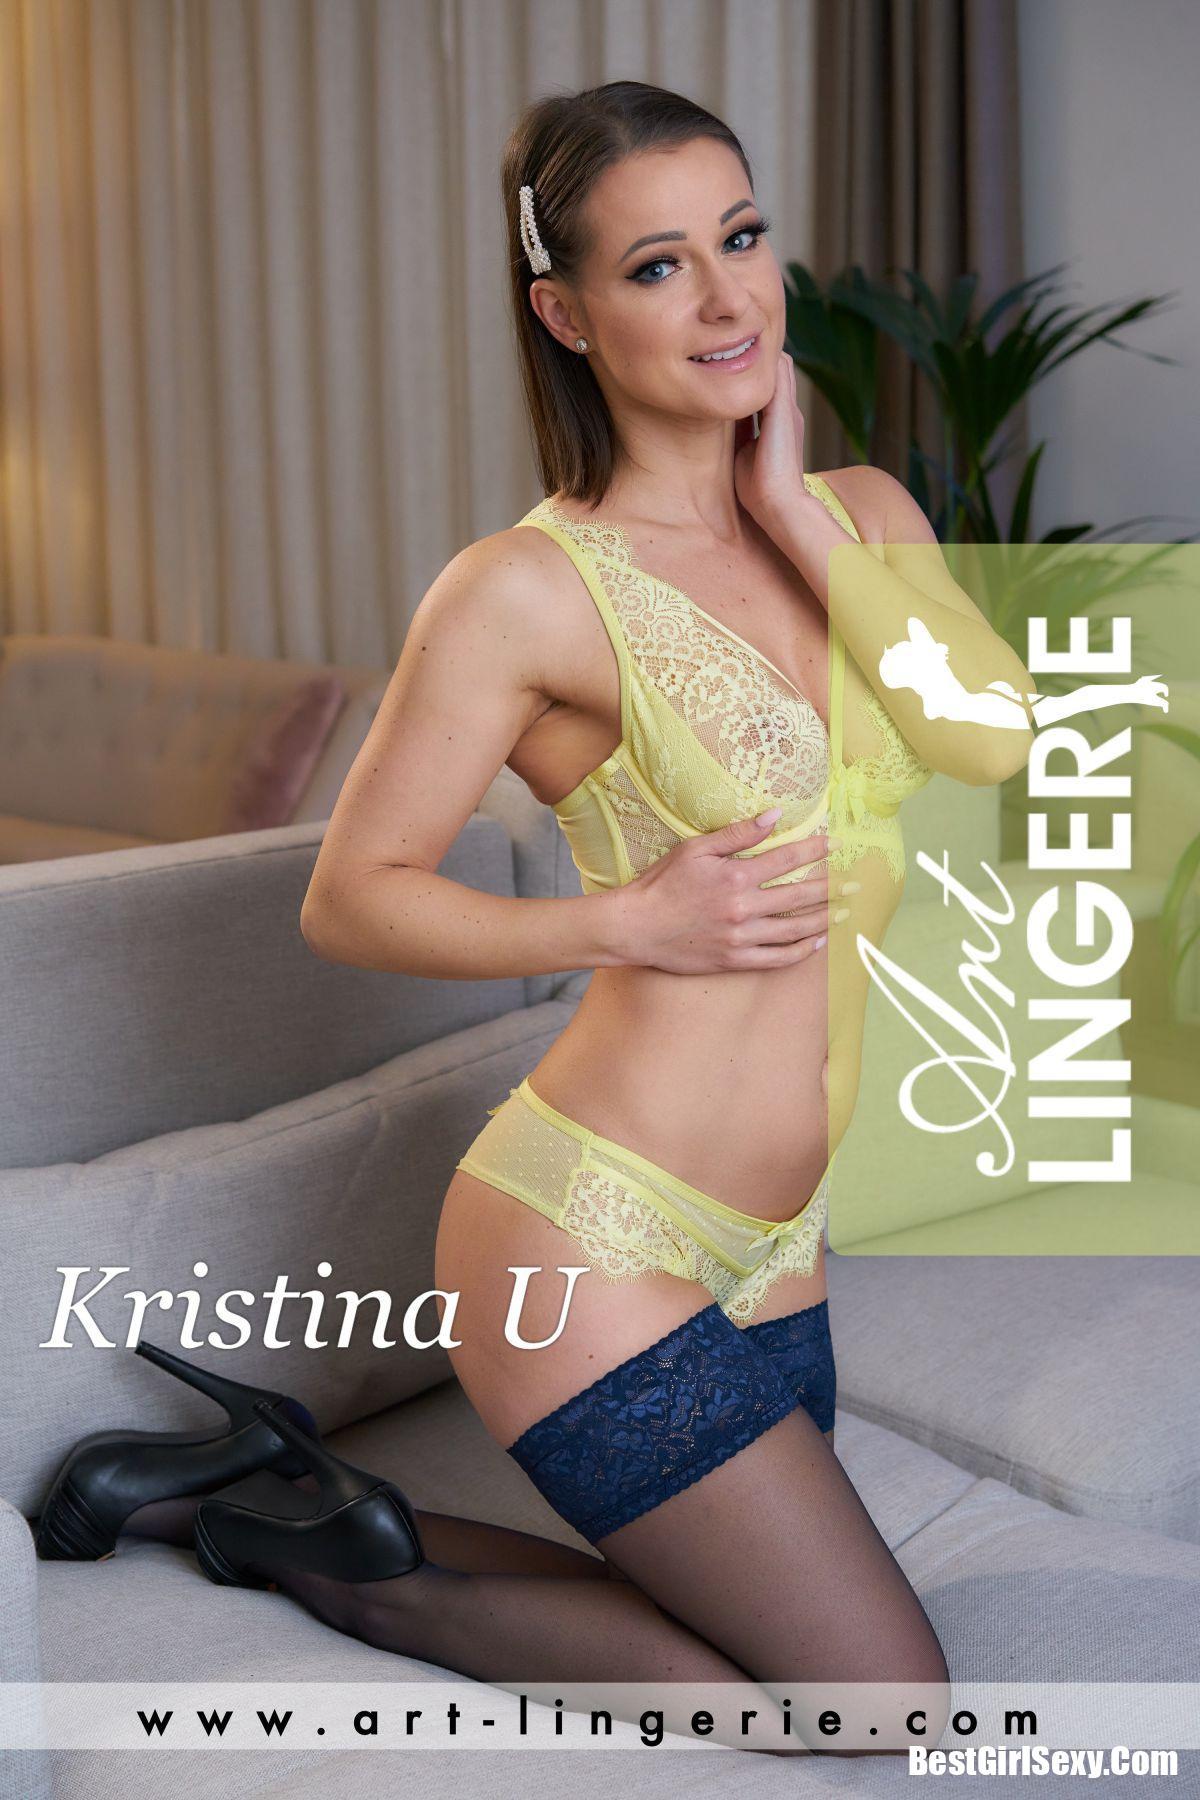 Art-Lingerie 2021.01.25 Kristina